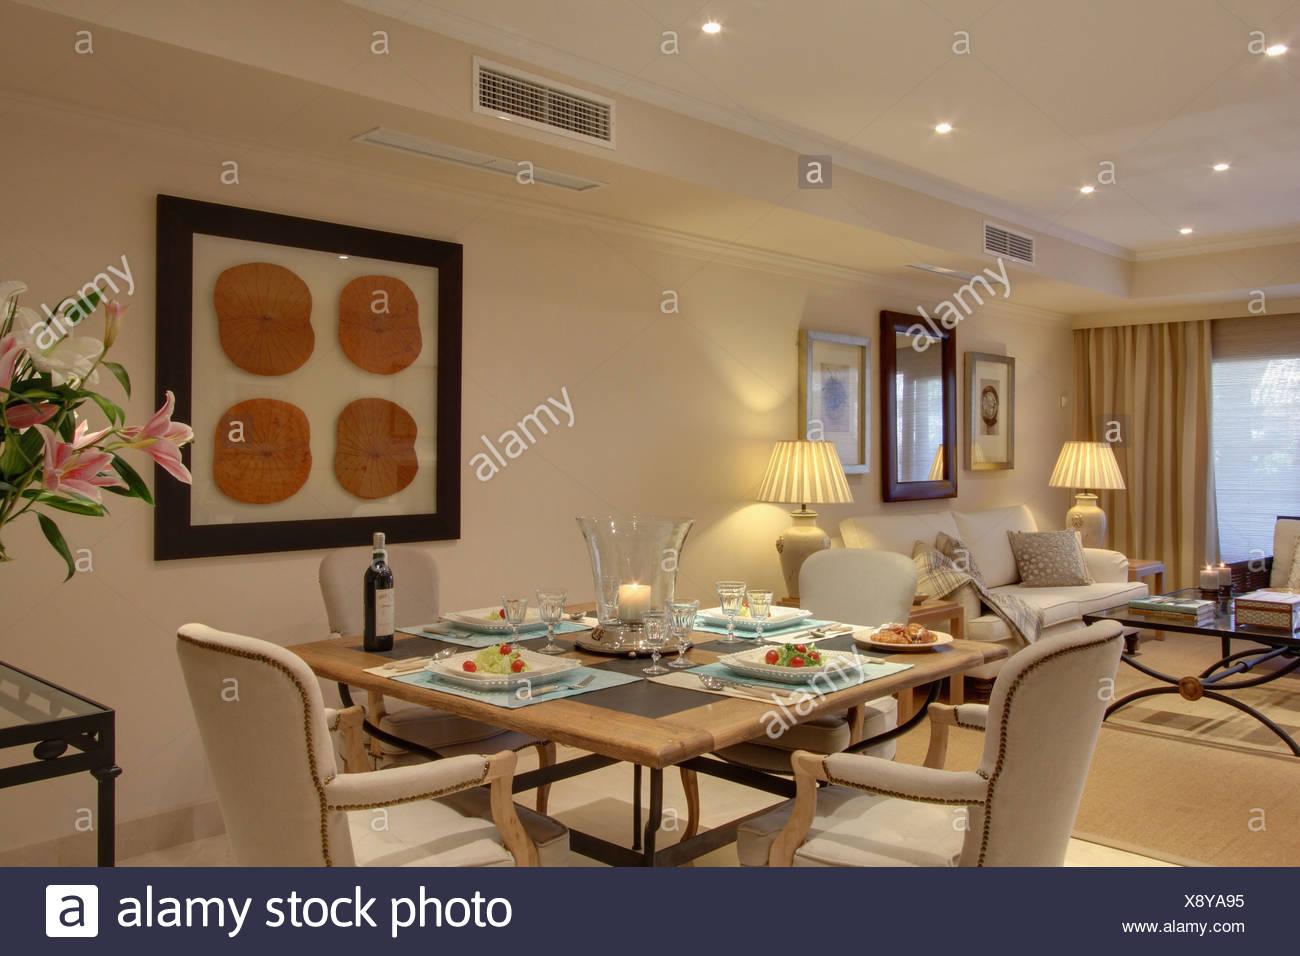 Tavoli Da Pranzo Grandi Dimensioni.Sedie Crema Al Tavolo Per La Cena In Un Piano Aperto Appartamento